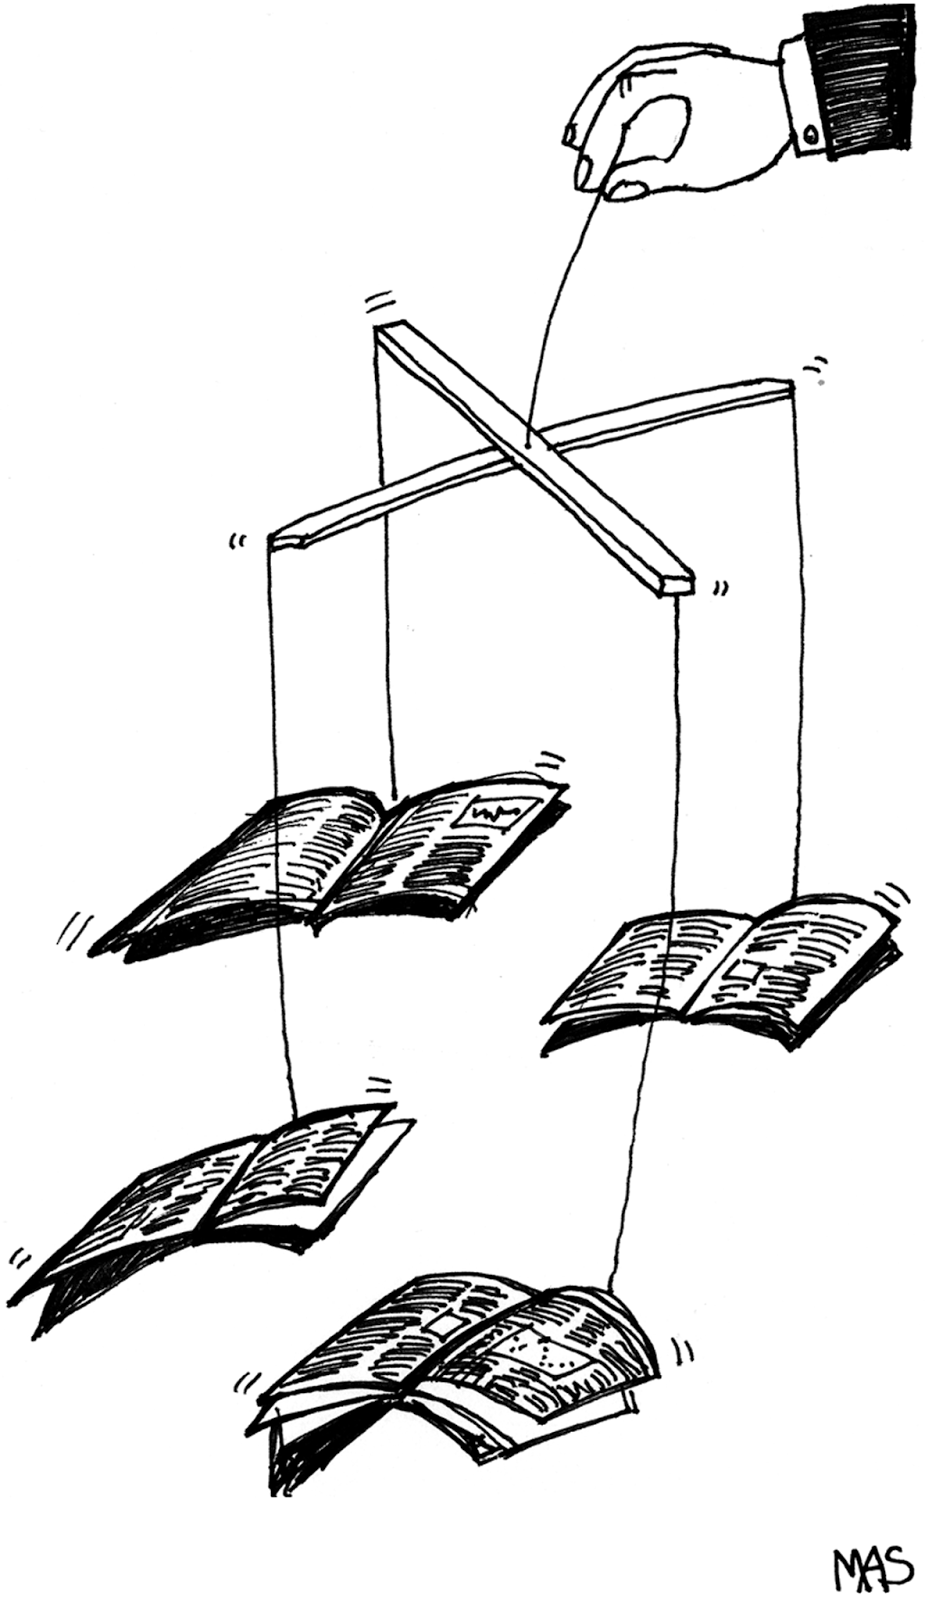 BioCode's Notes: May 2015